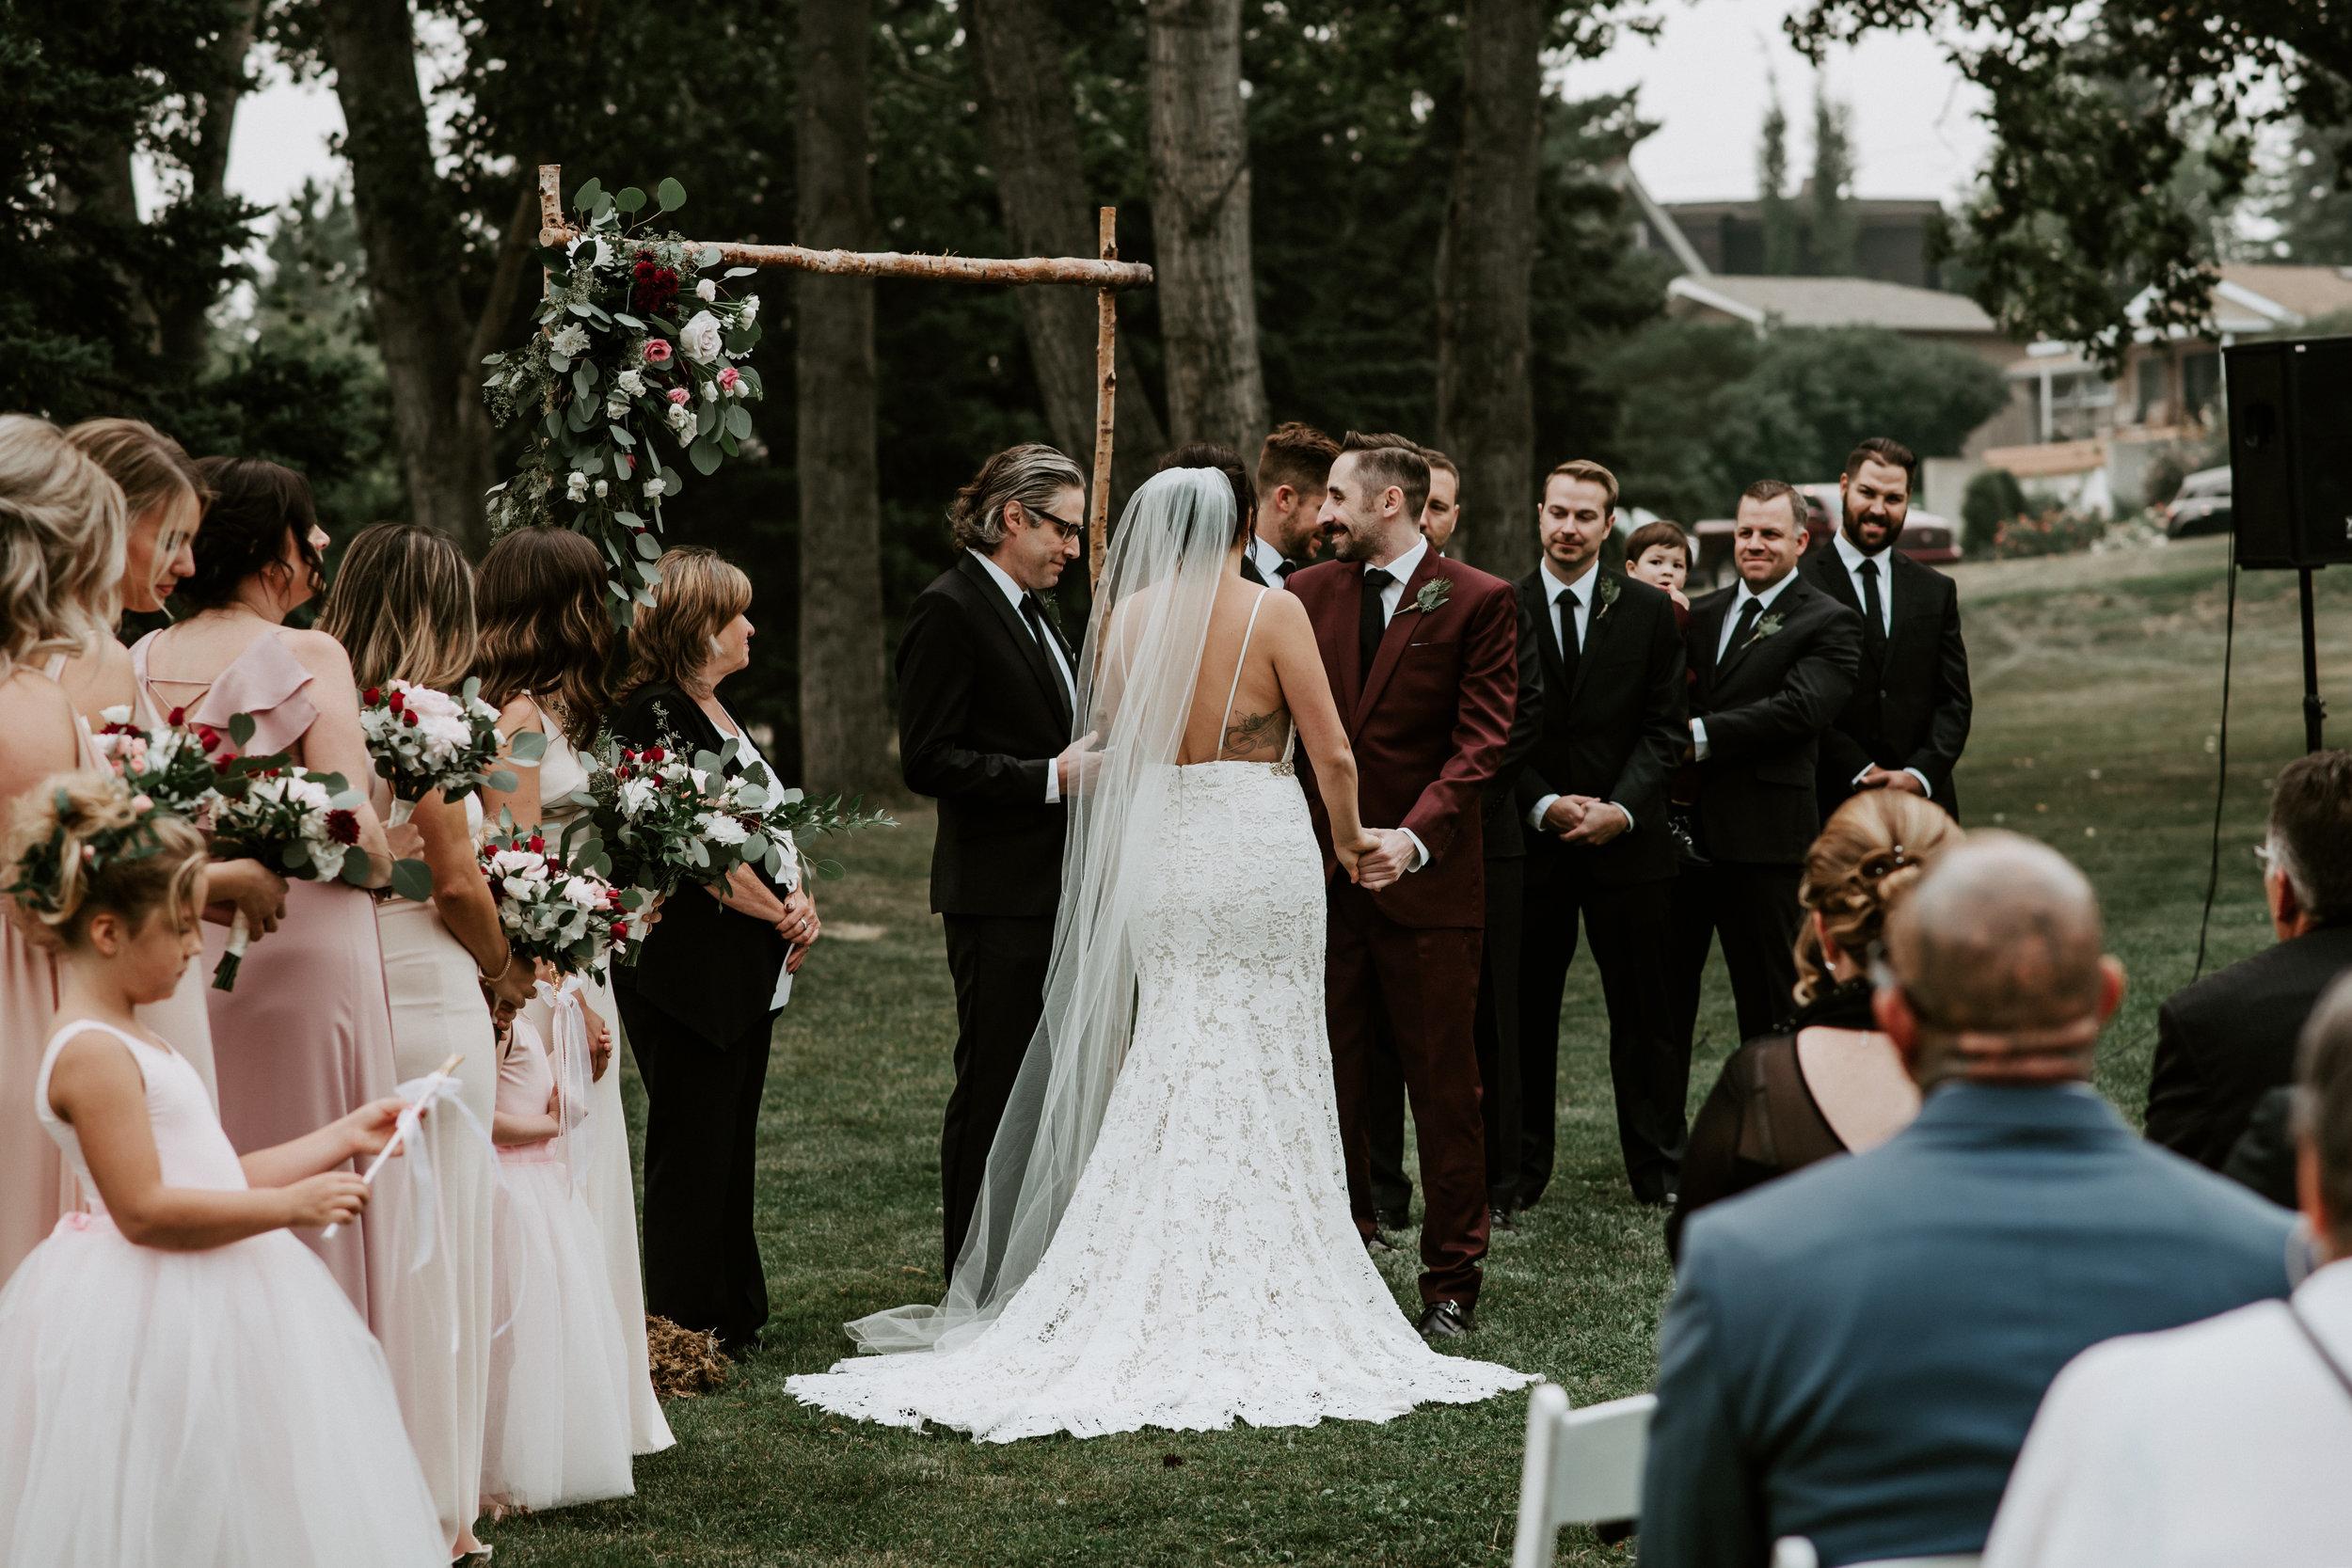 Calgary Wedding Photographer - 23 of 84.jpg